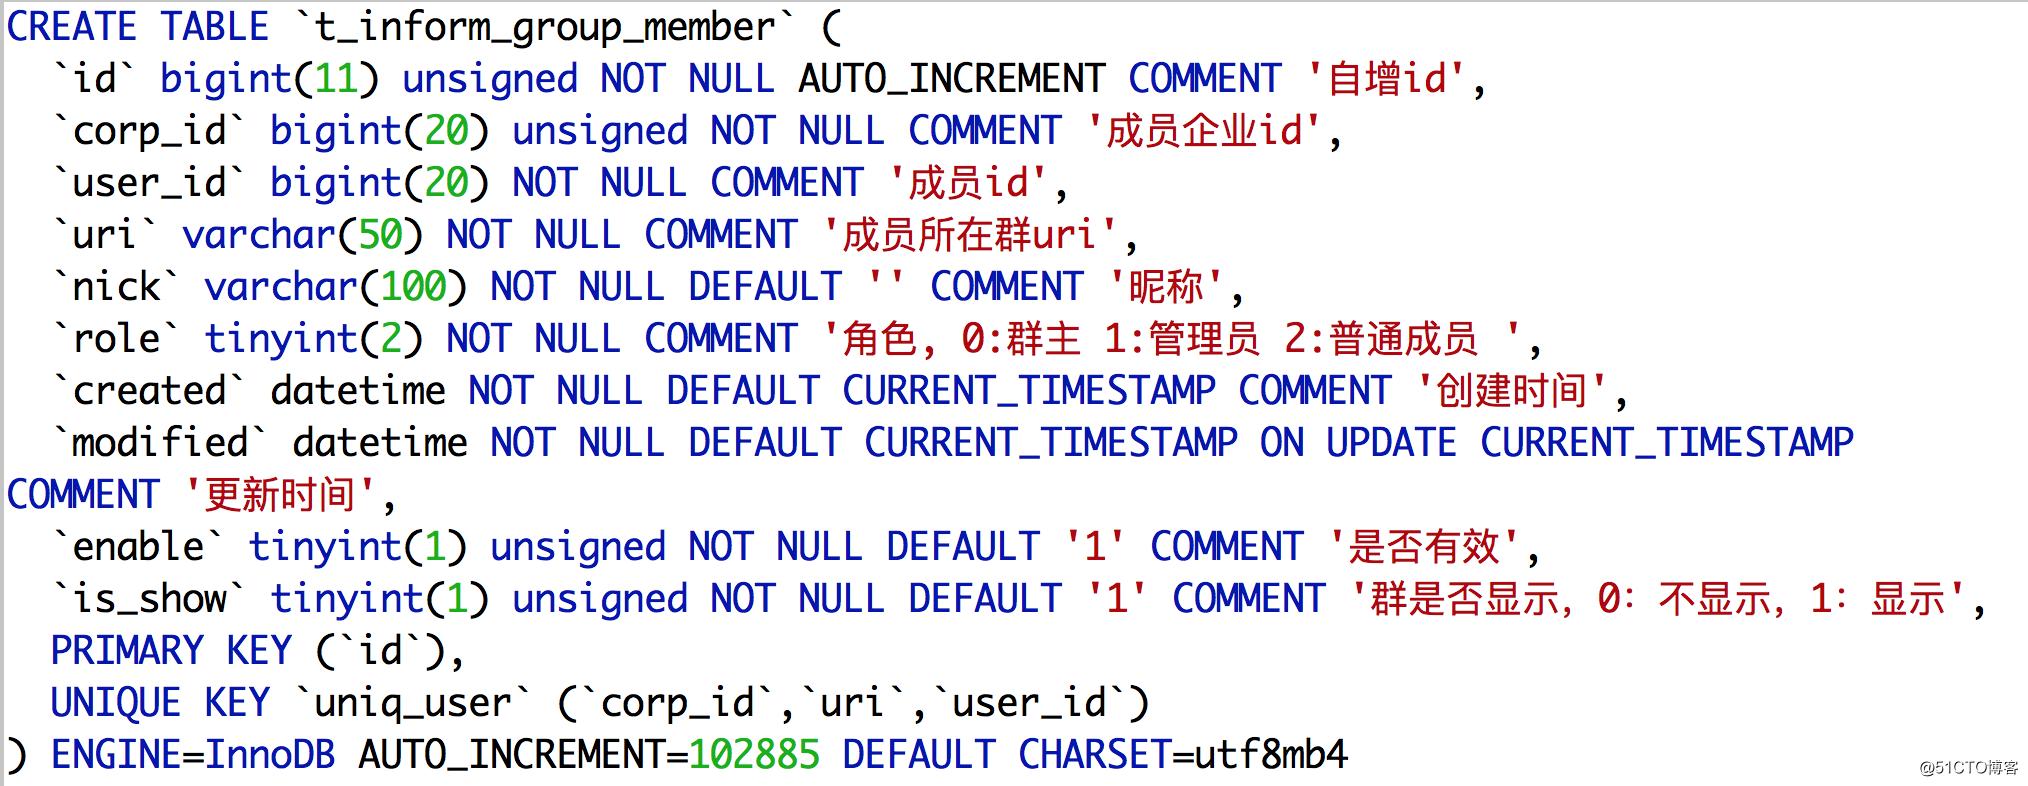 压力测试过程中MySQL服务CPU占用率过高的问题排查思路